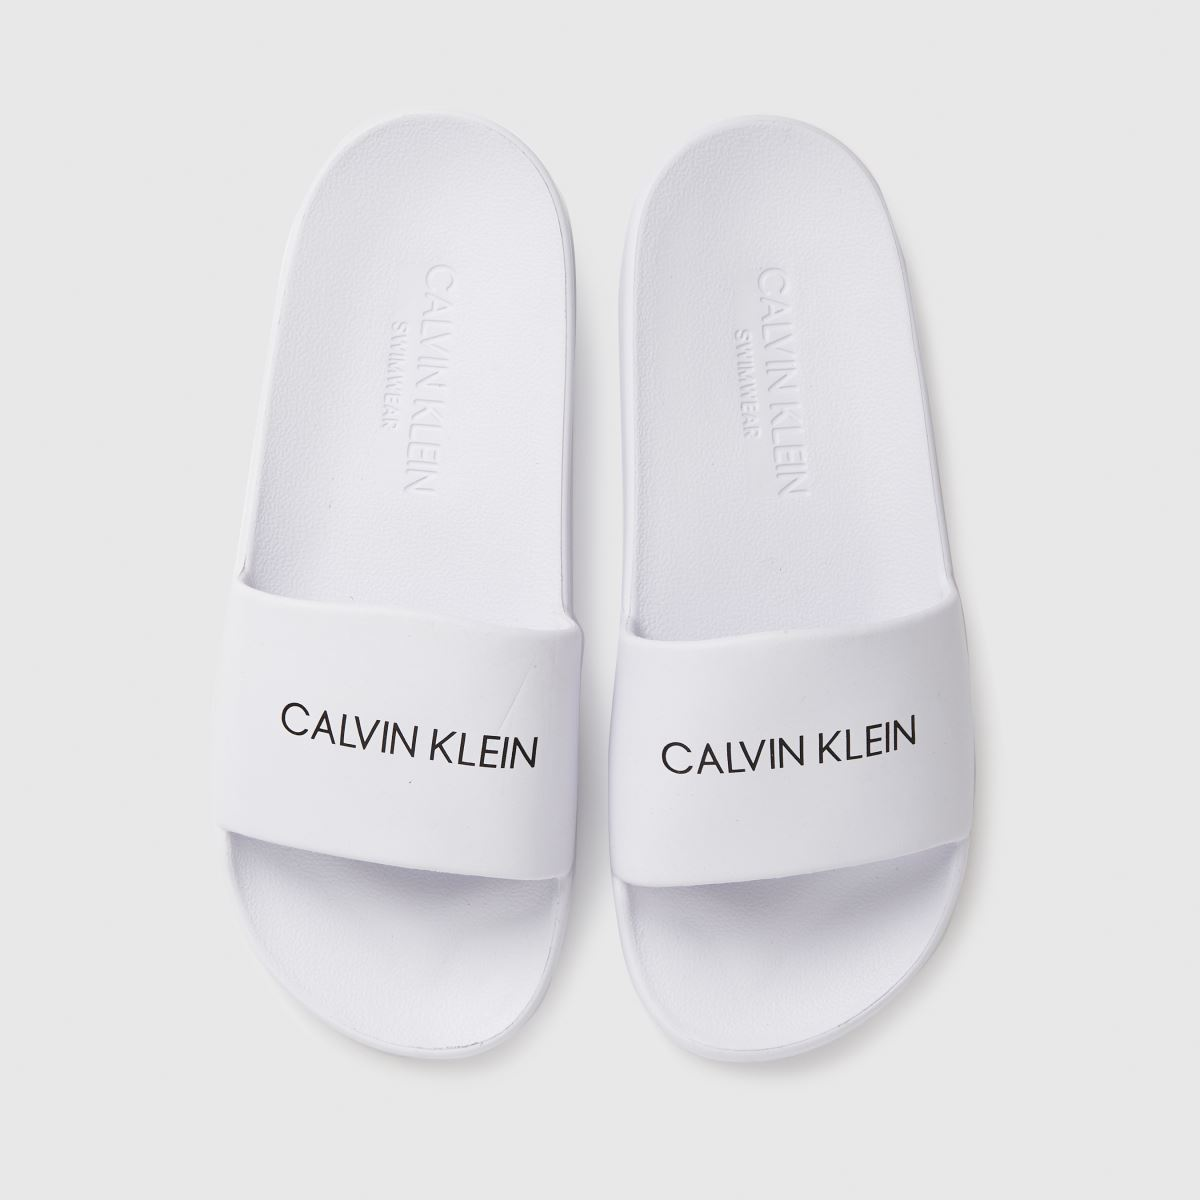 CALVIN KLEIN White Slides Trainers Junior